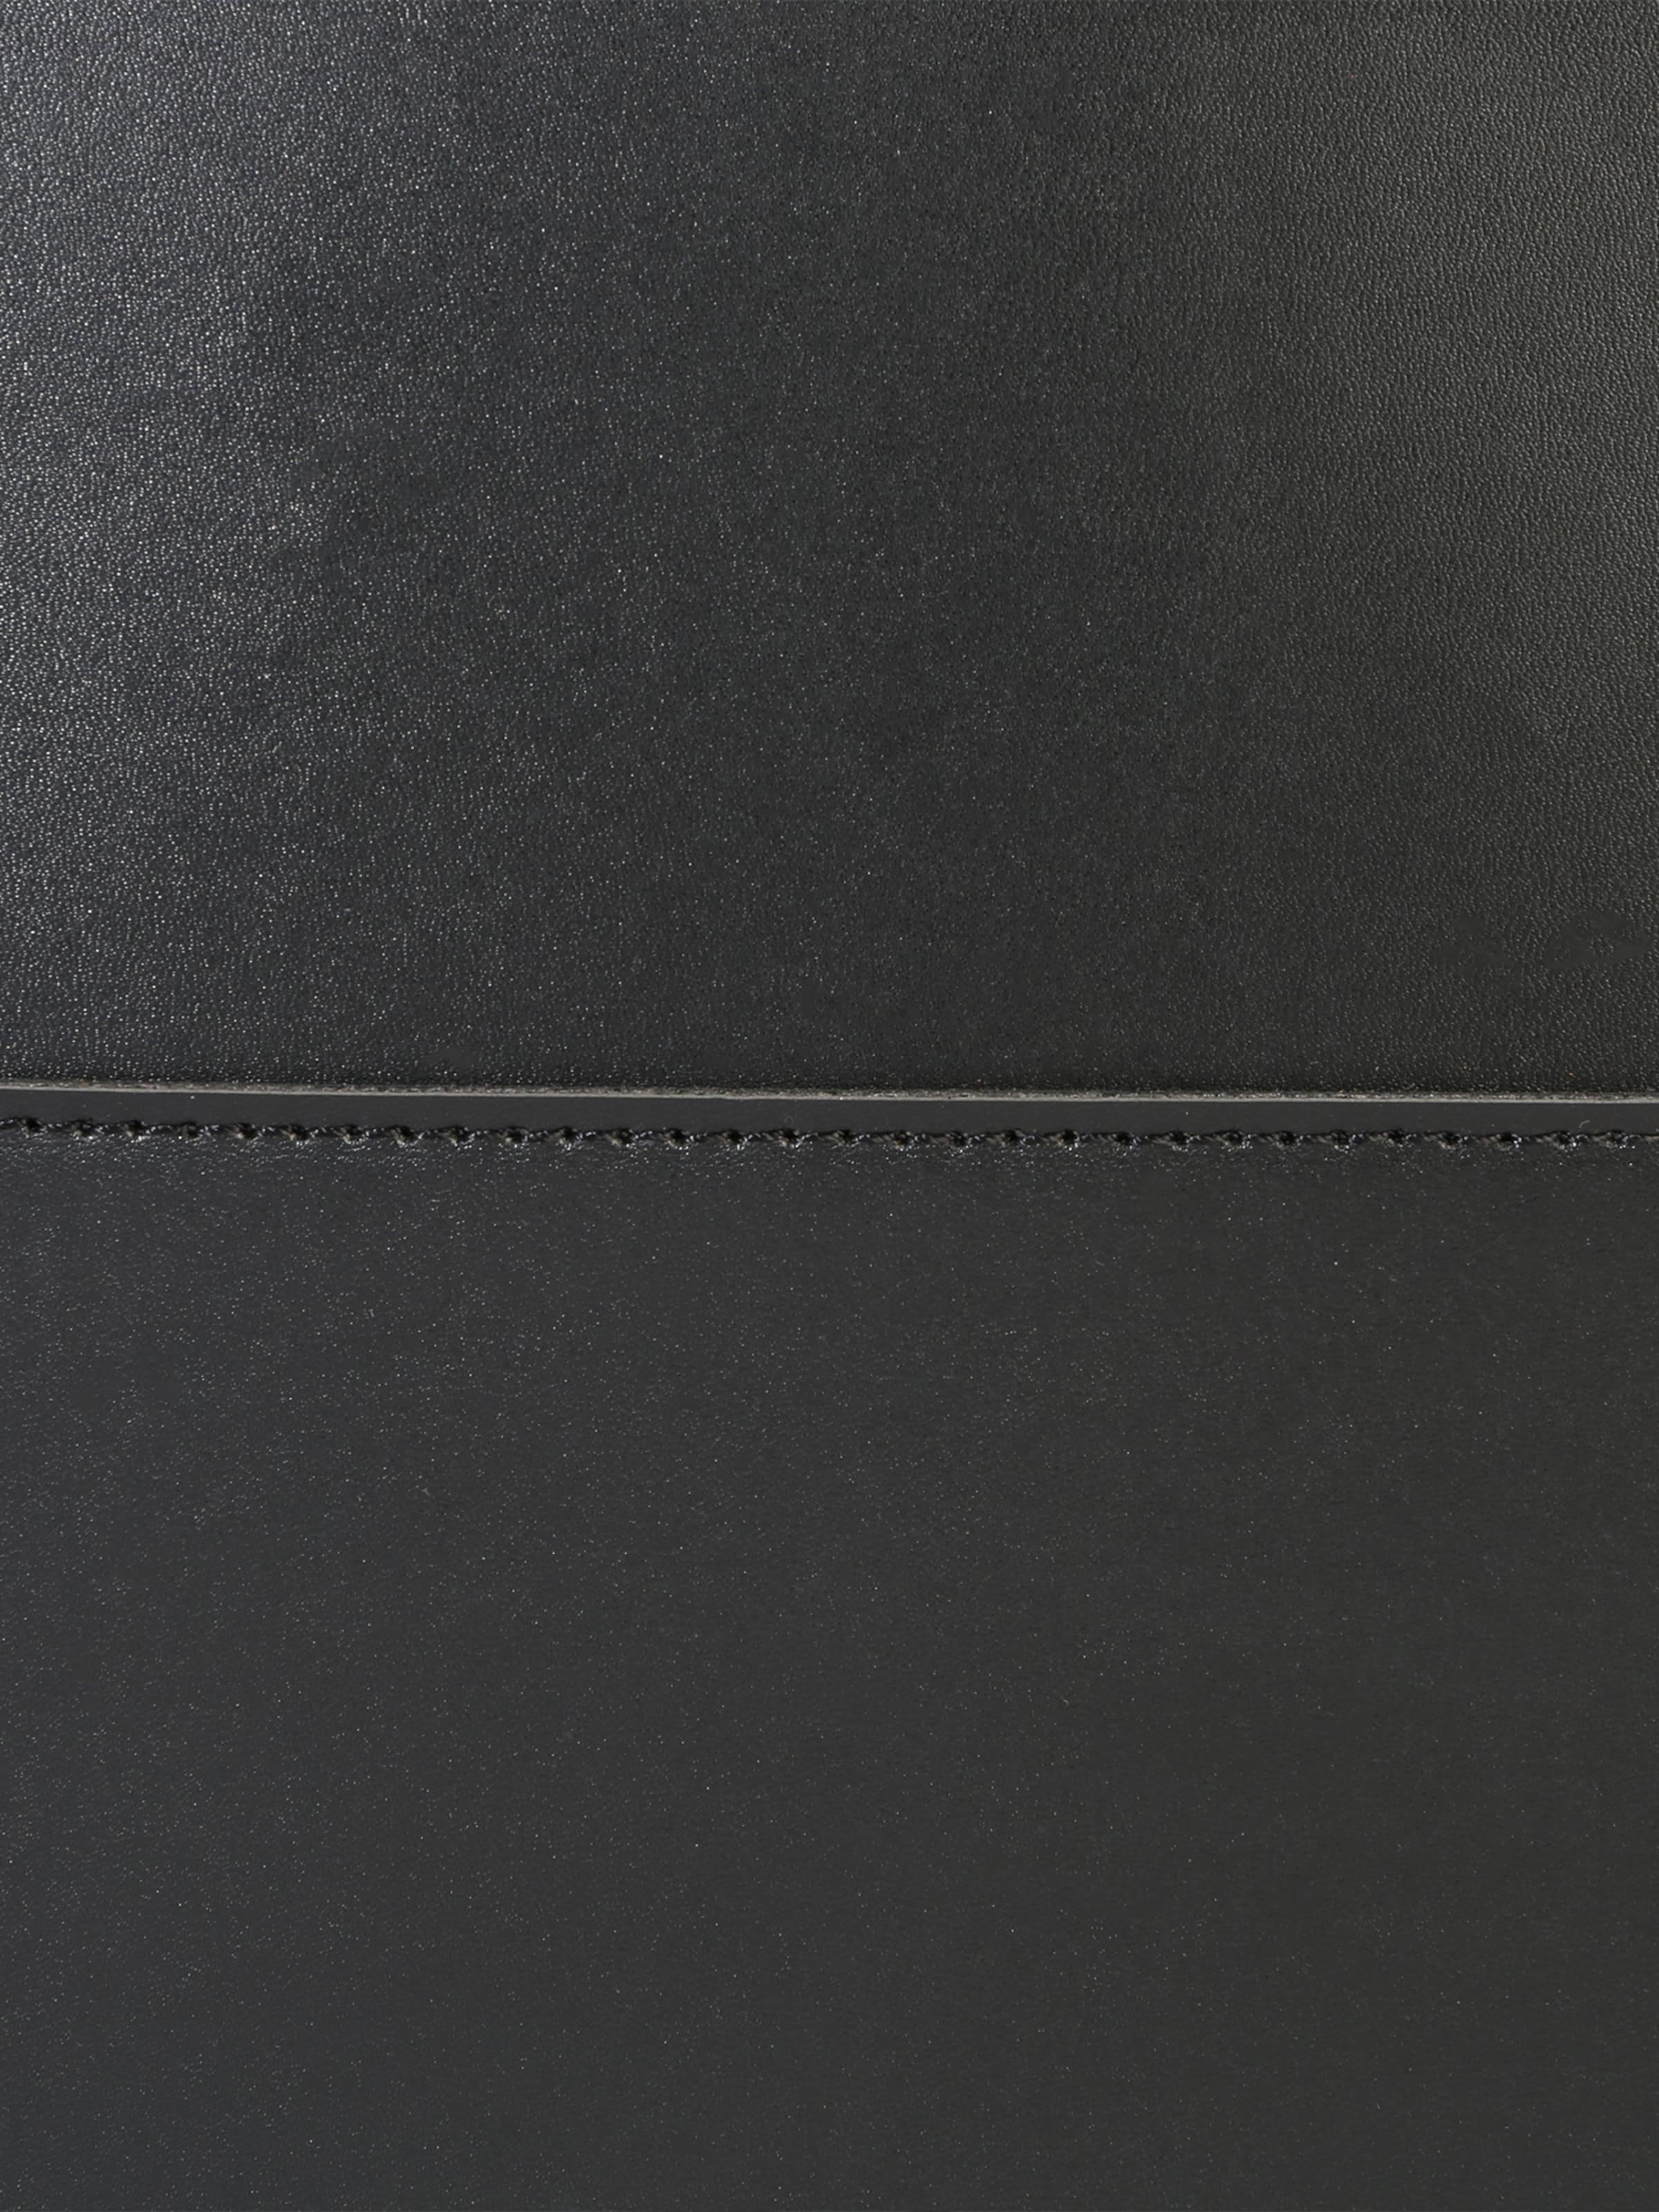 Bilder Zum Verkauf Billig Größte Lieferant Mae & Ivy Shopper 'Ava Basic' Auslass Niedriger Preis Kaufen Billig Niedrig Preis Versandkosten Für Verkauf Vb6OdJea